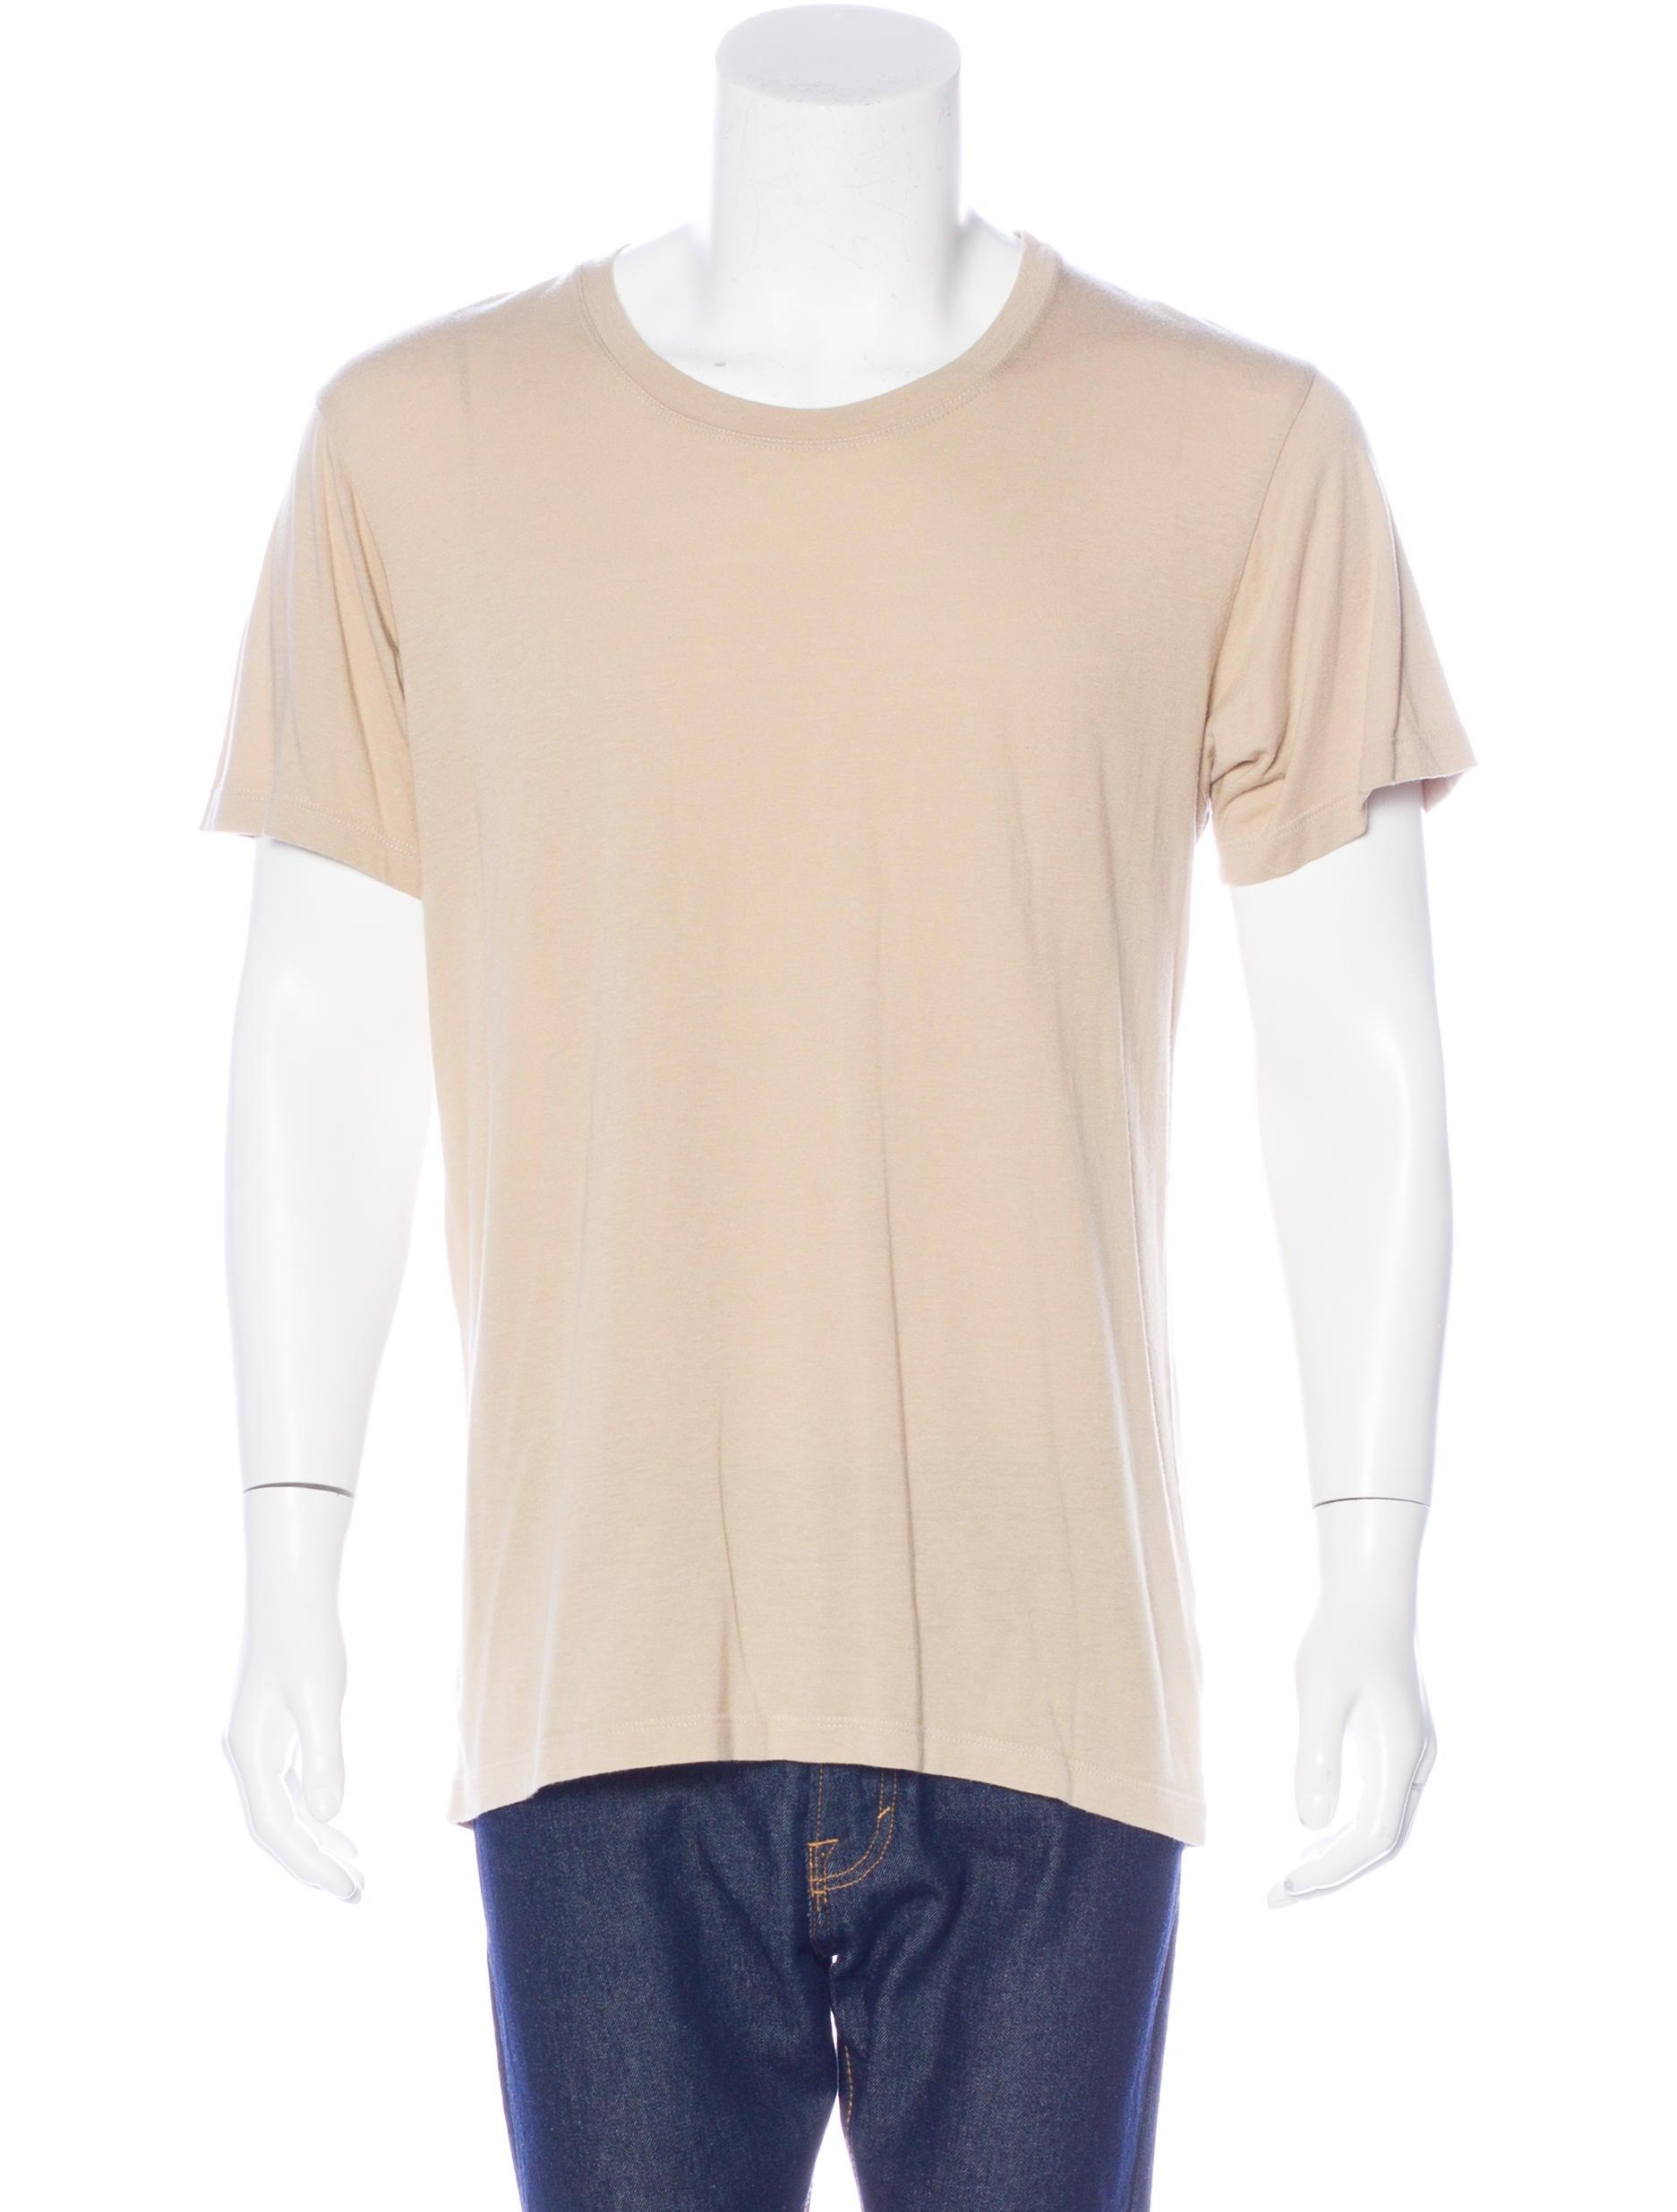 John elliott co scoop neck t shirt clothing for Scoop neck t shirt